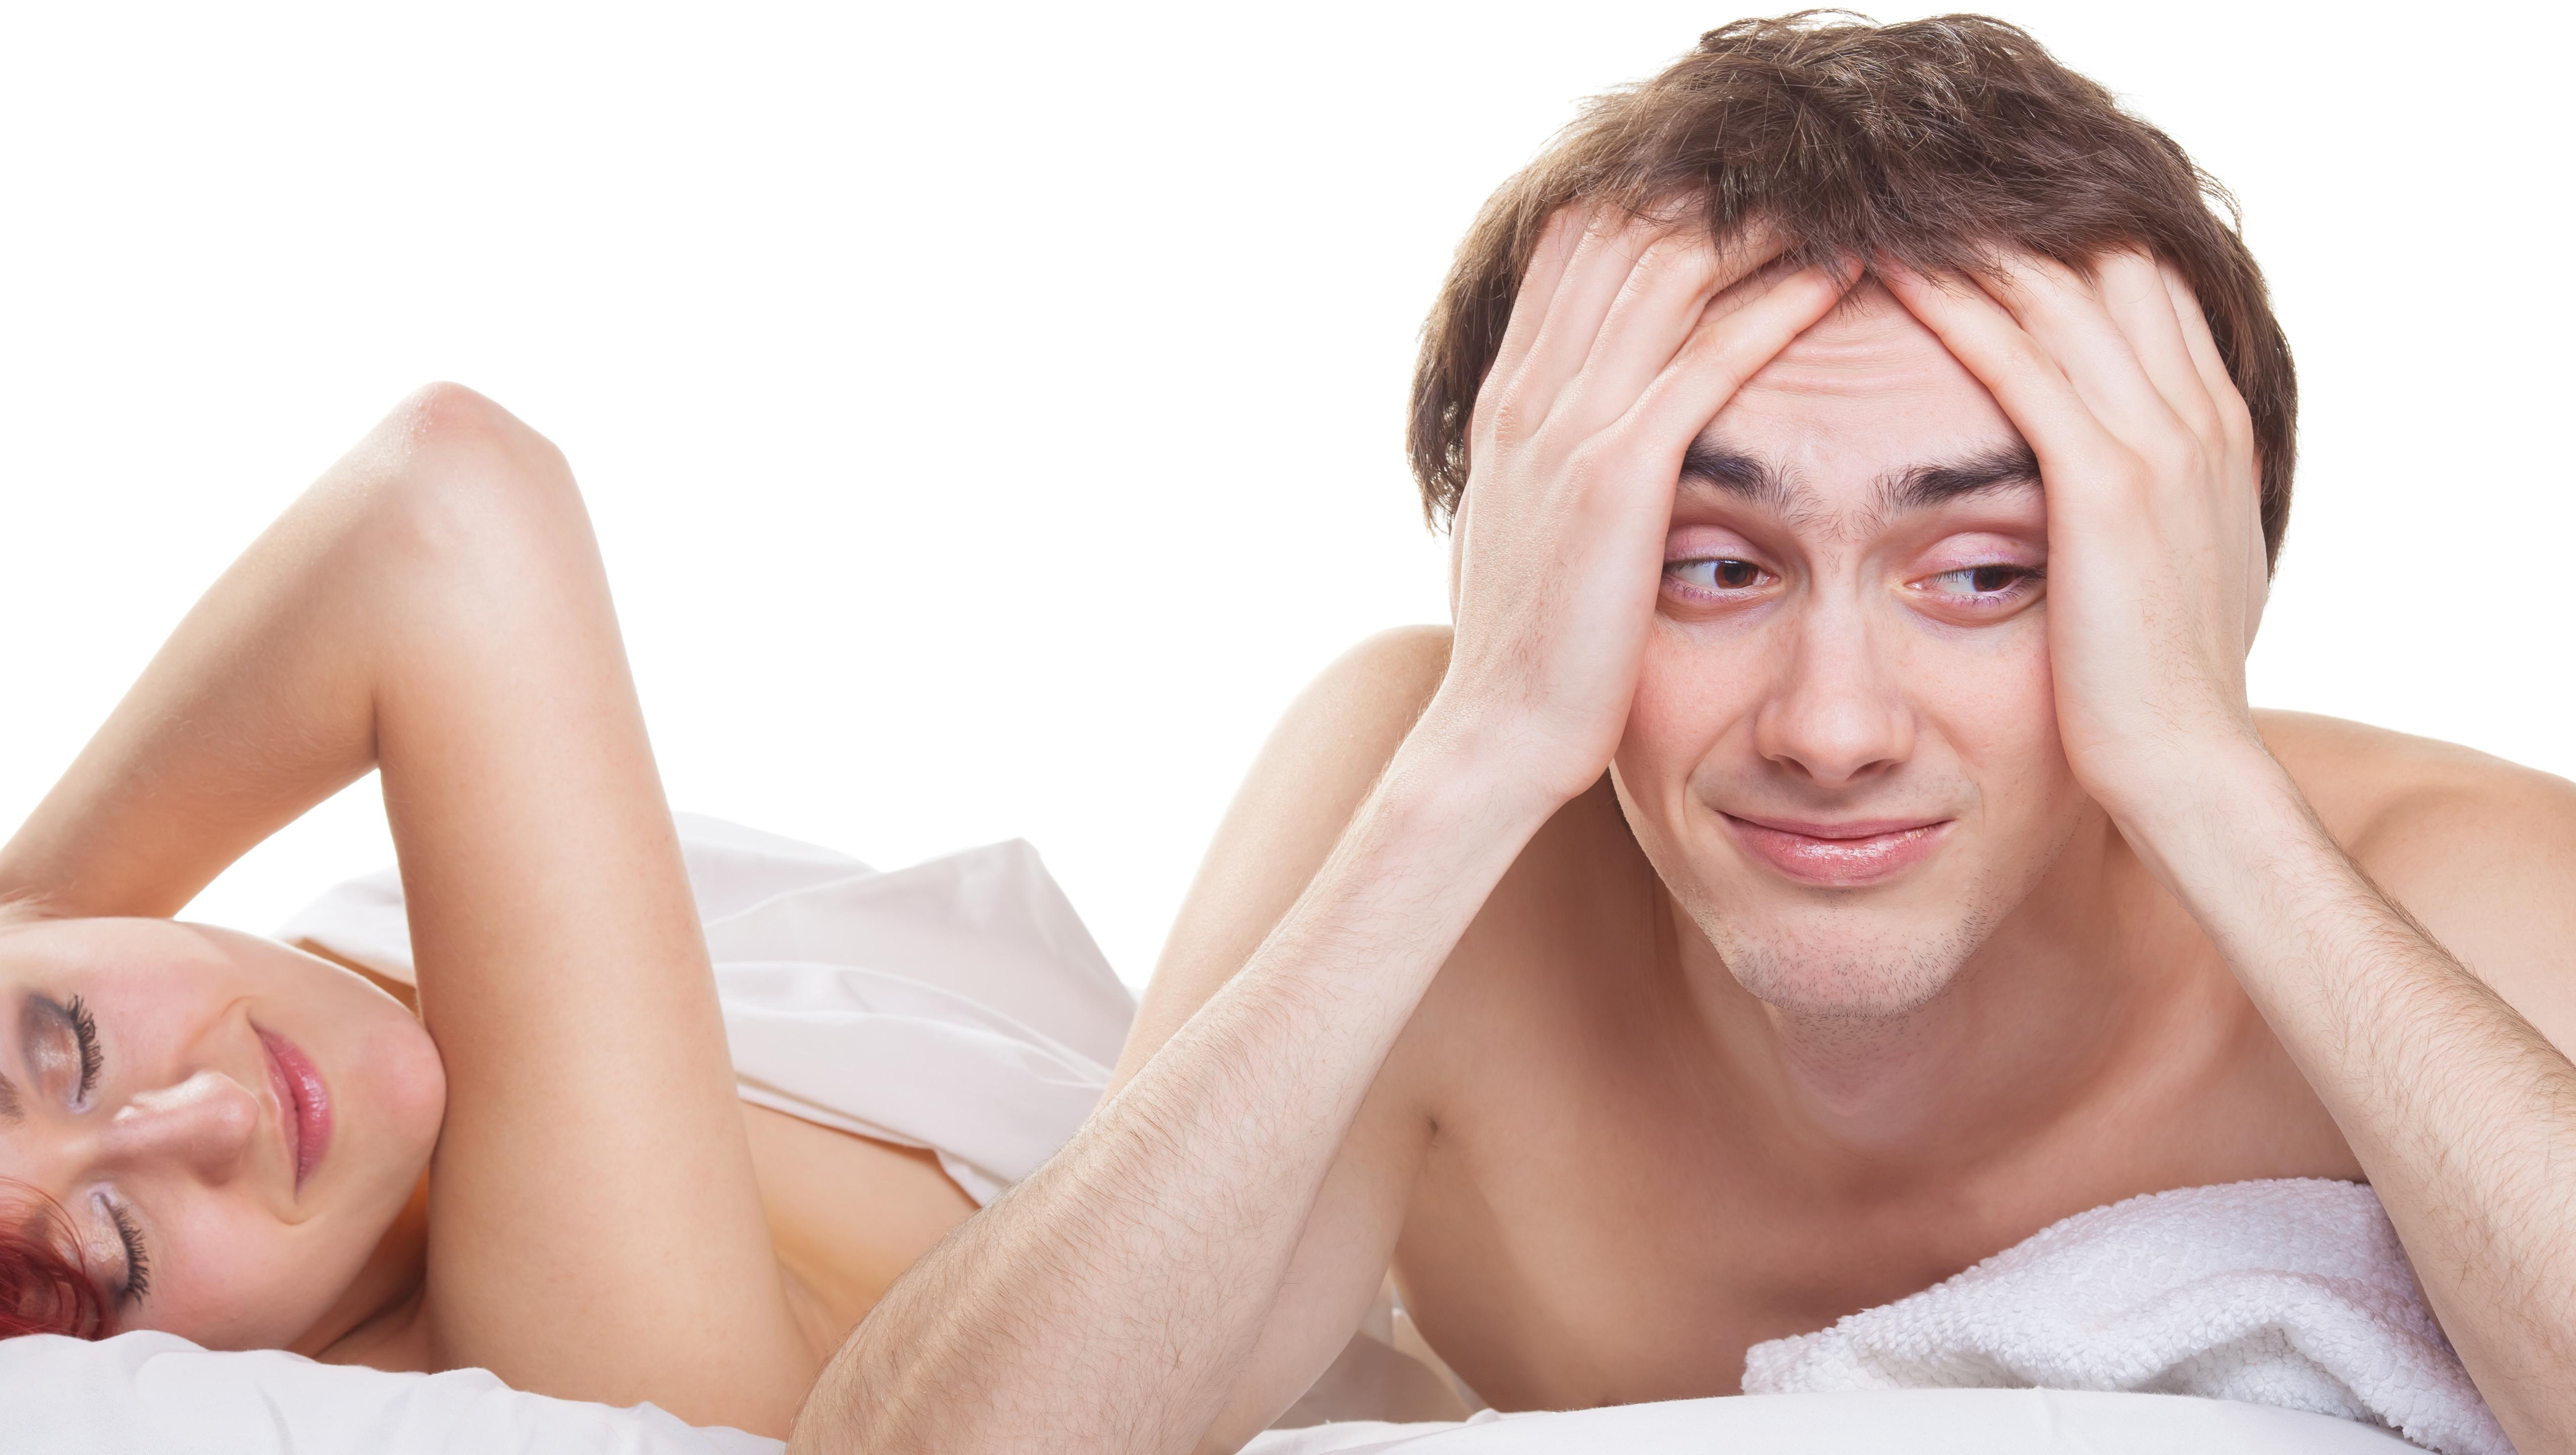 hvorfor mænd har morgen erektioner